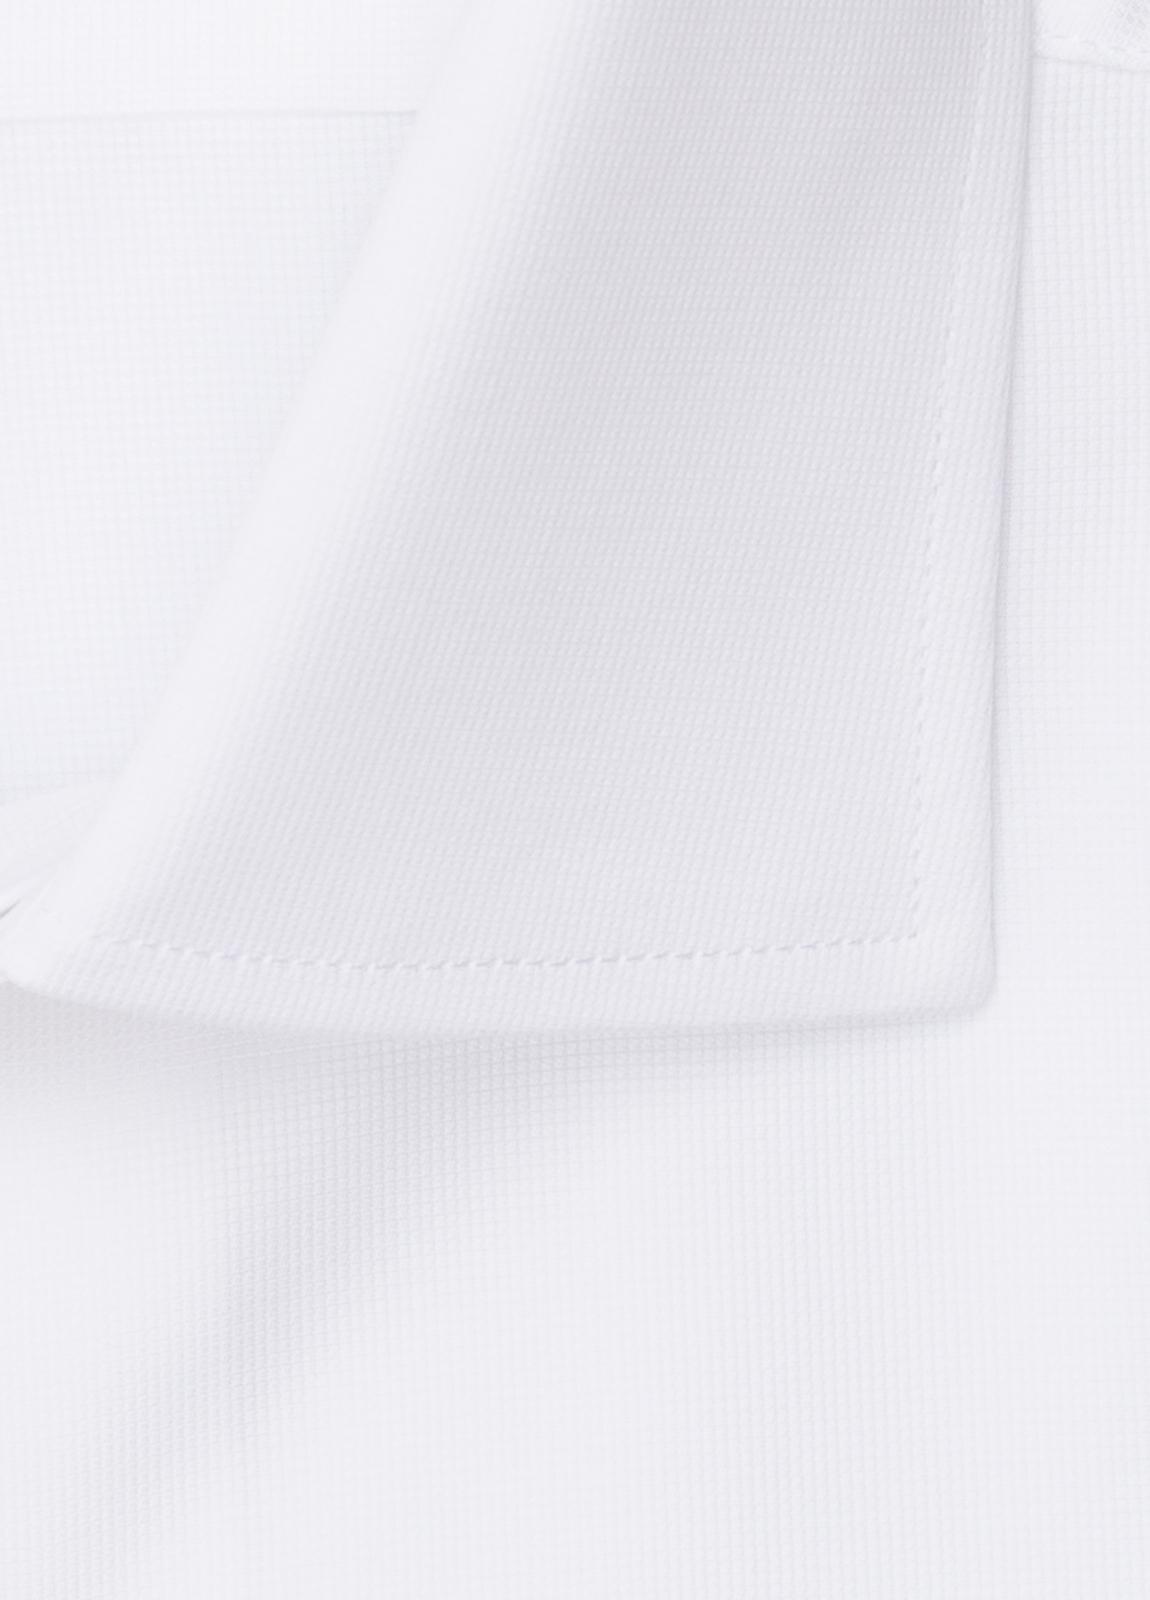 Camisa vestir FUREST COLECCIÓN SLIM FIT cuello italiano piqué blanco - Ítem2